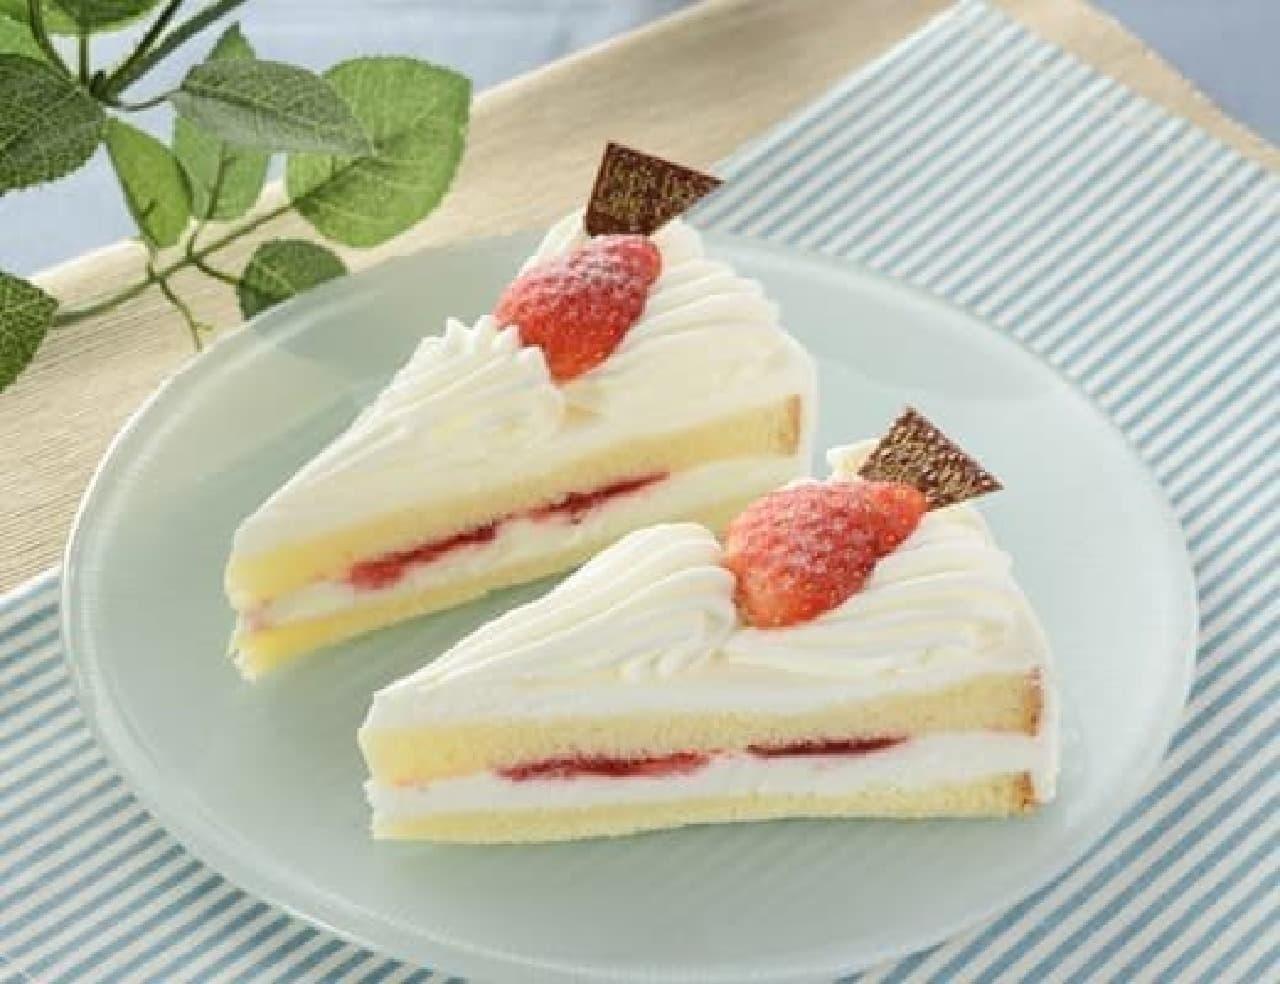 ローソン「苺のショートケーキ 2個入」